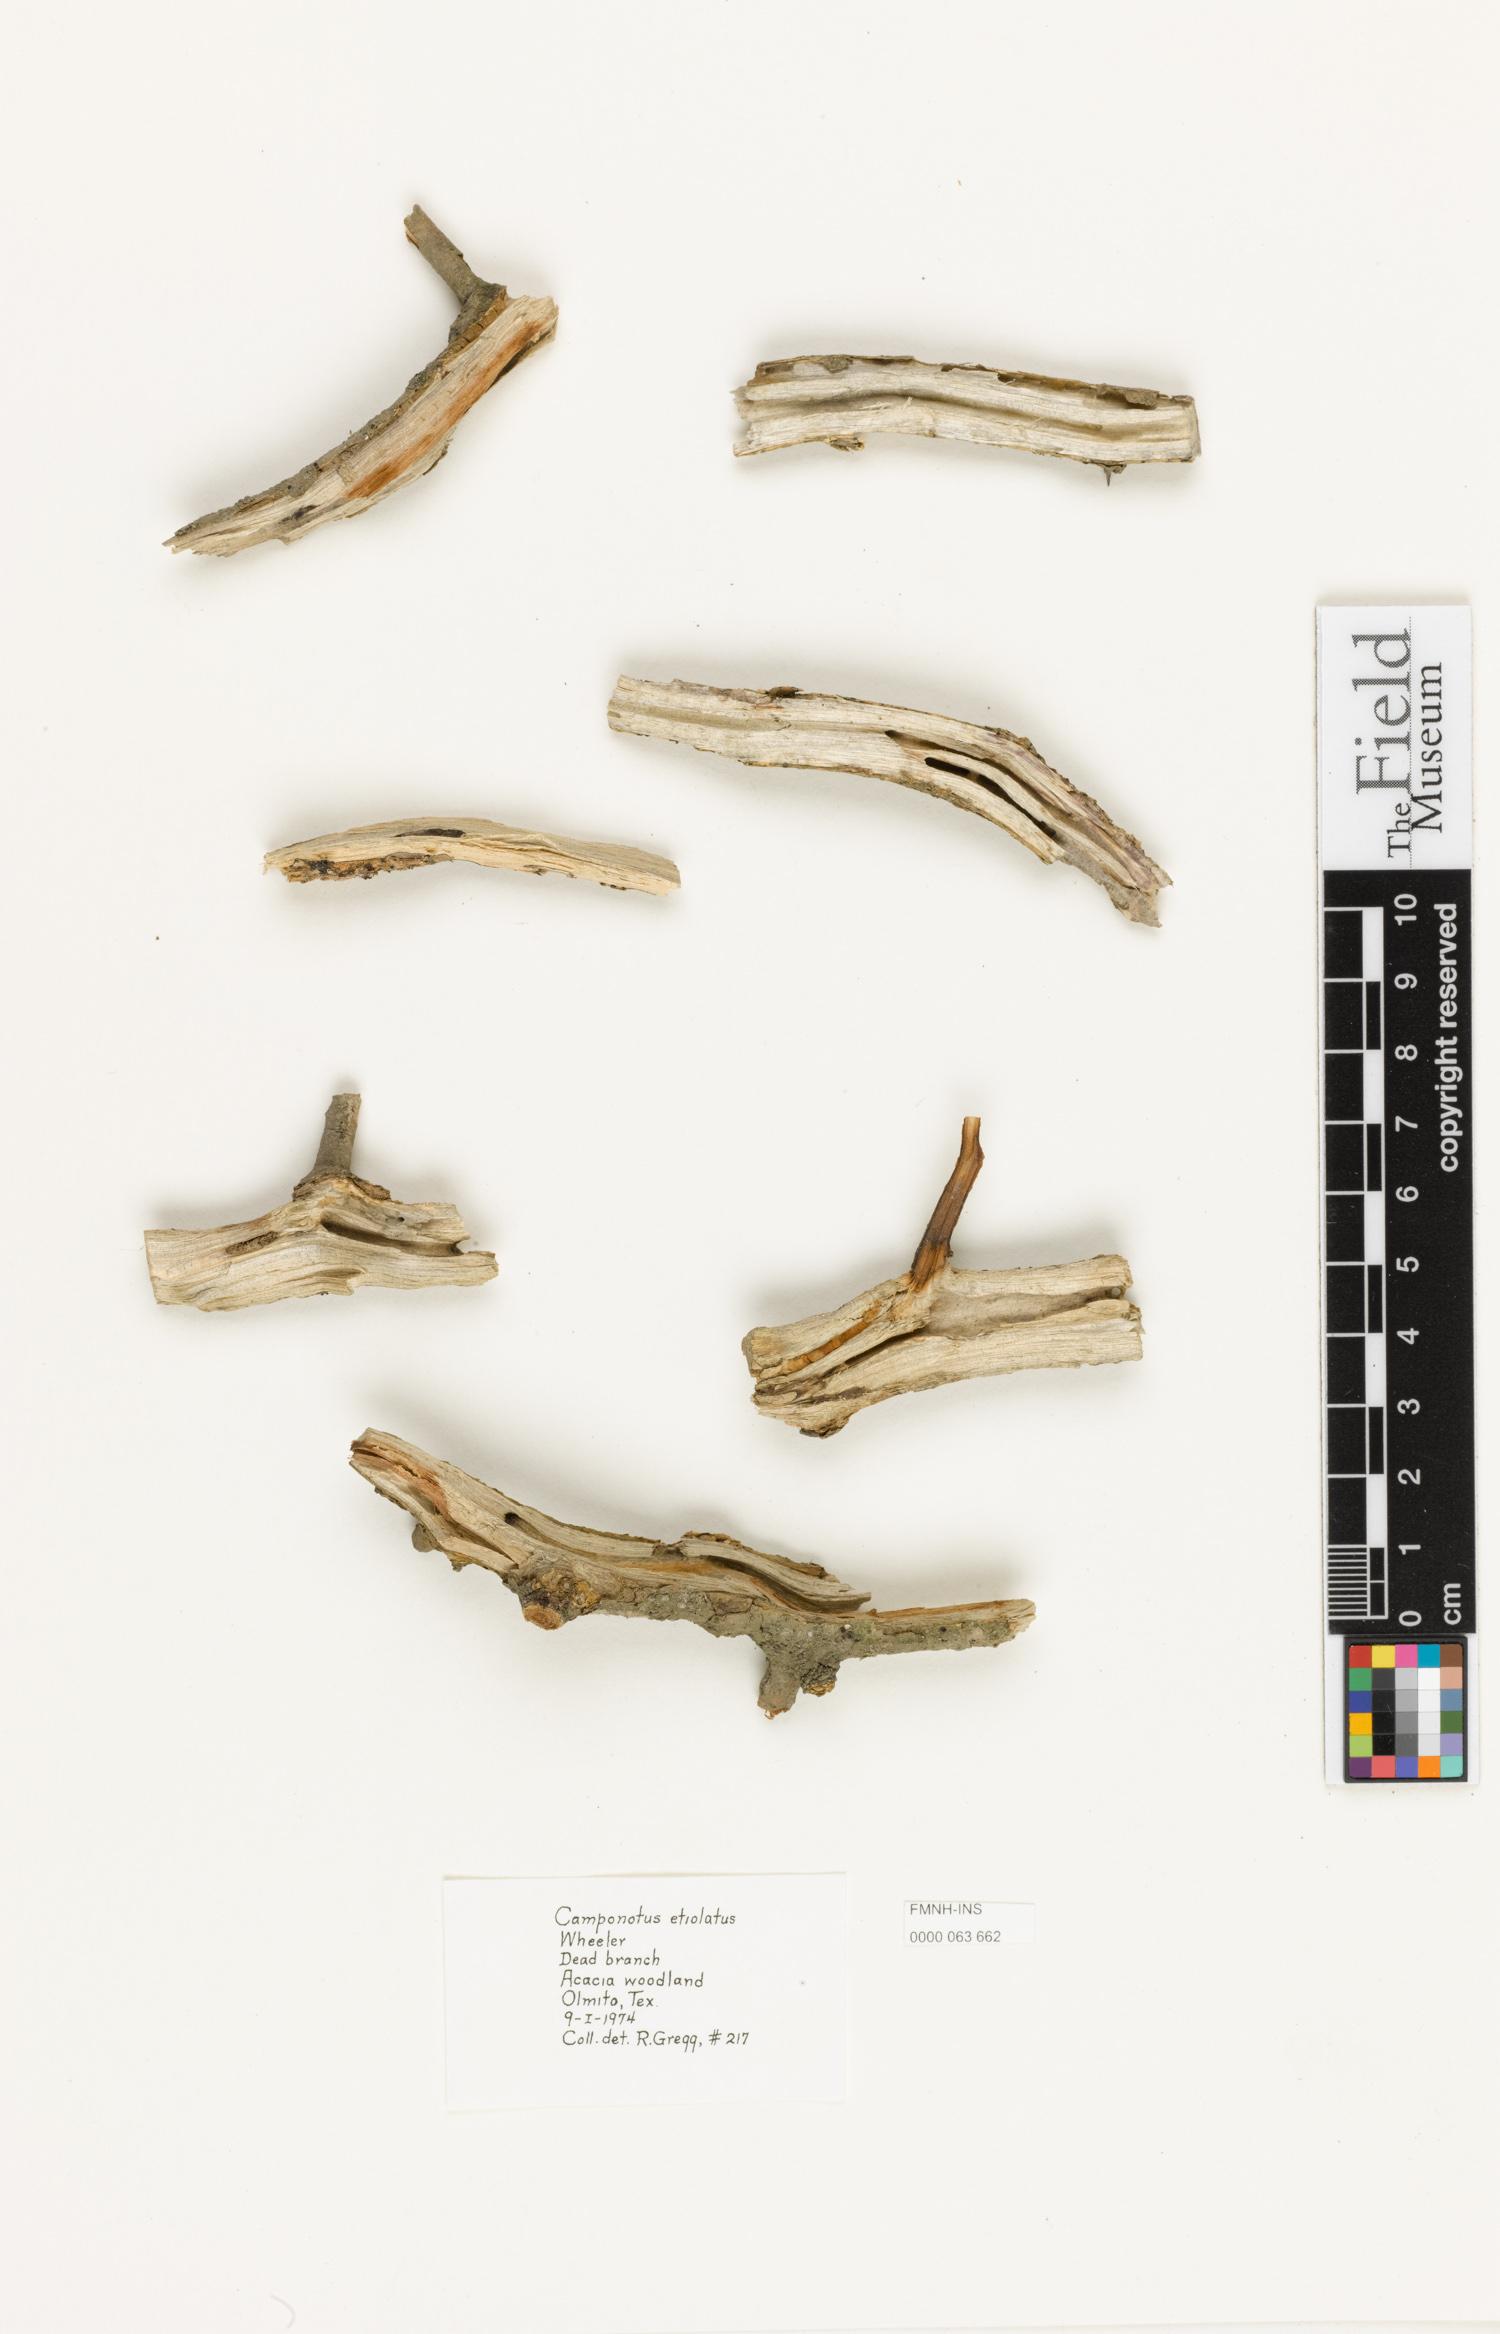 Image of Camponotus etiolatus